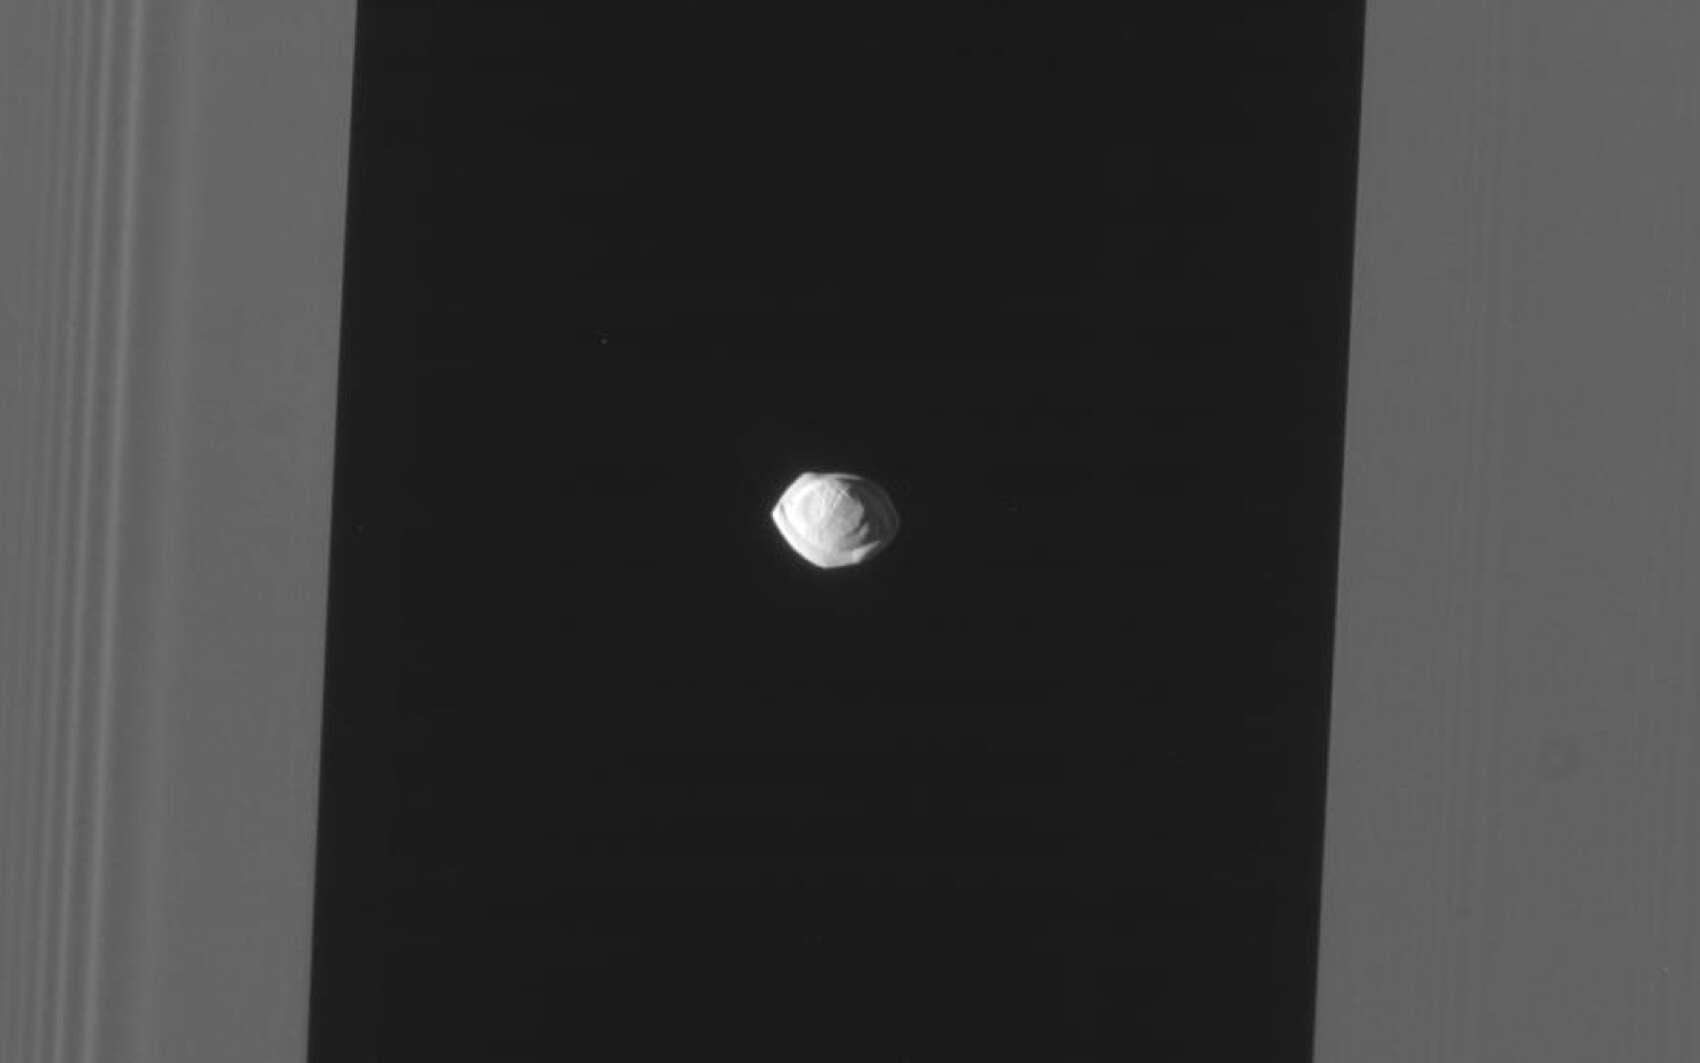 Pan, au centre de la division d'Encke. © Nasa, JPL-Caltech